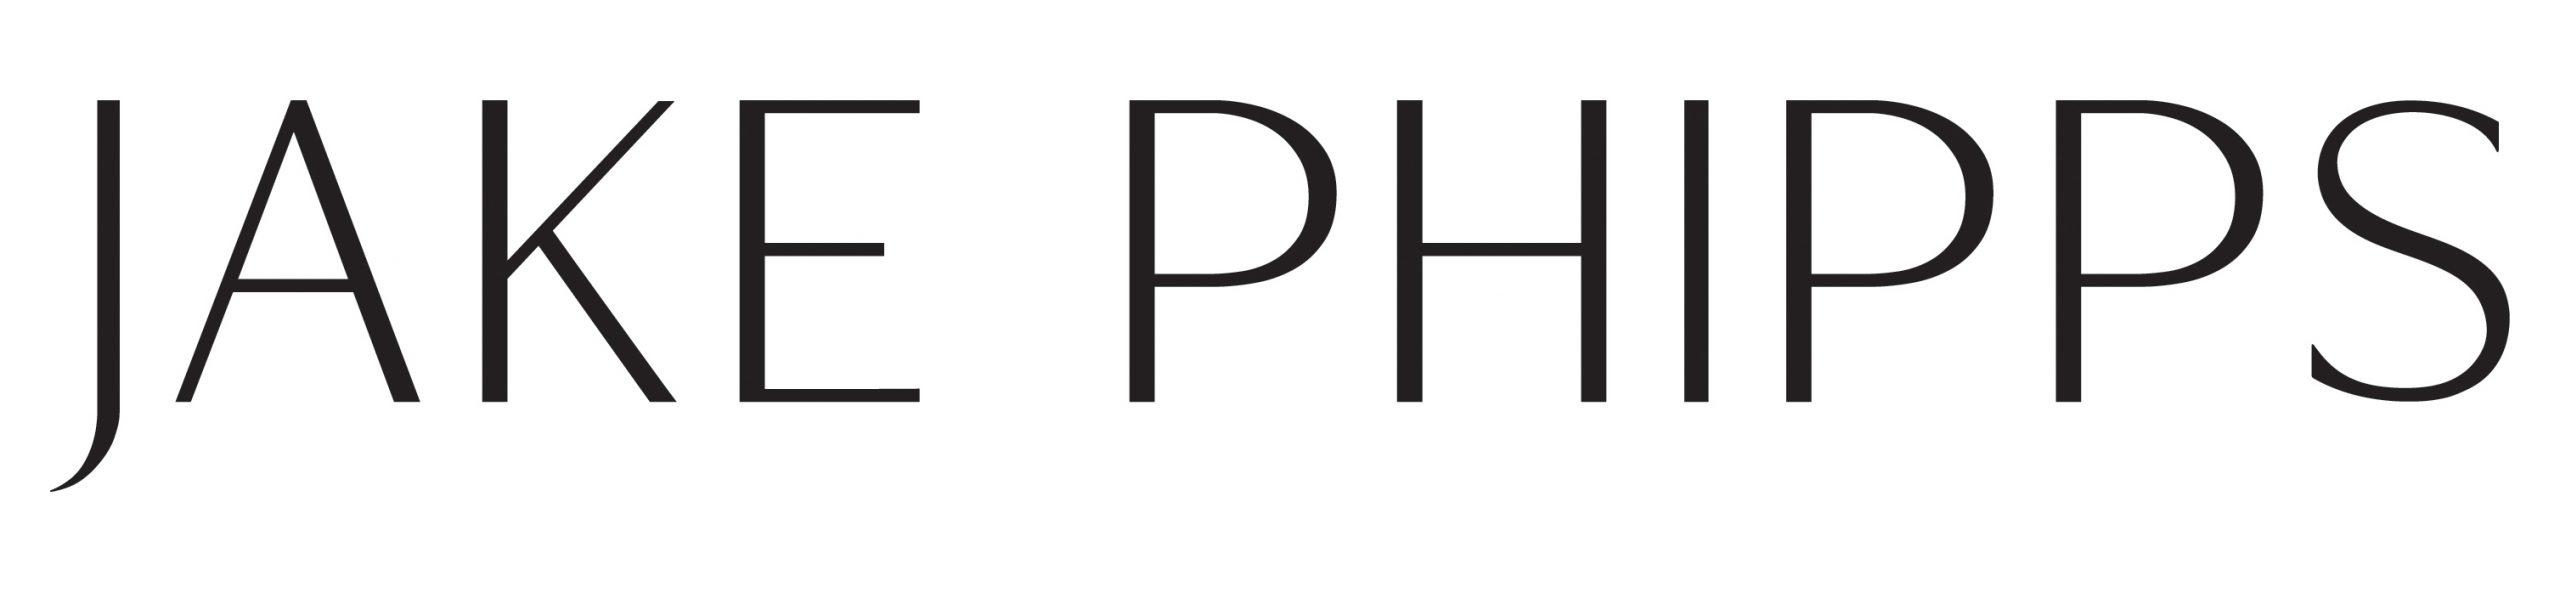 Jake Phipps Ltd